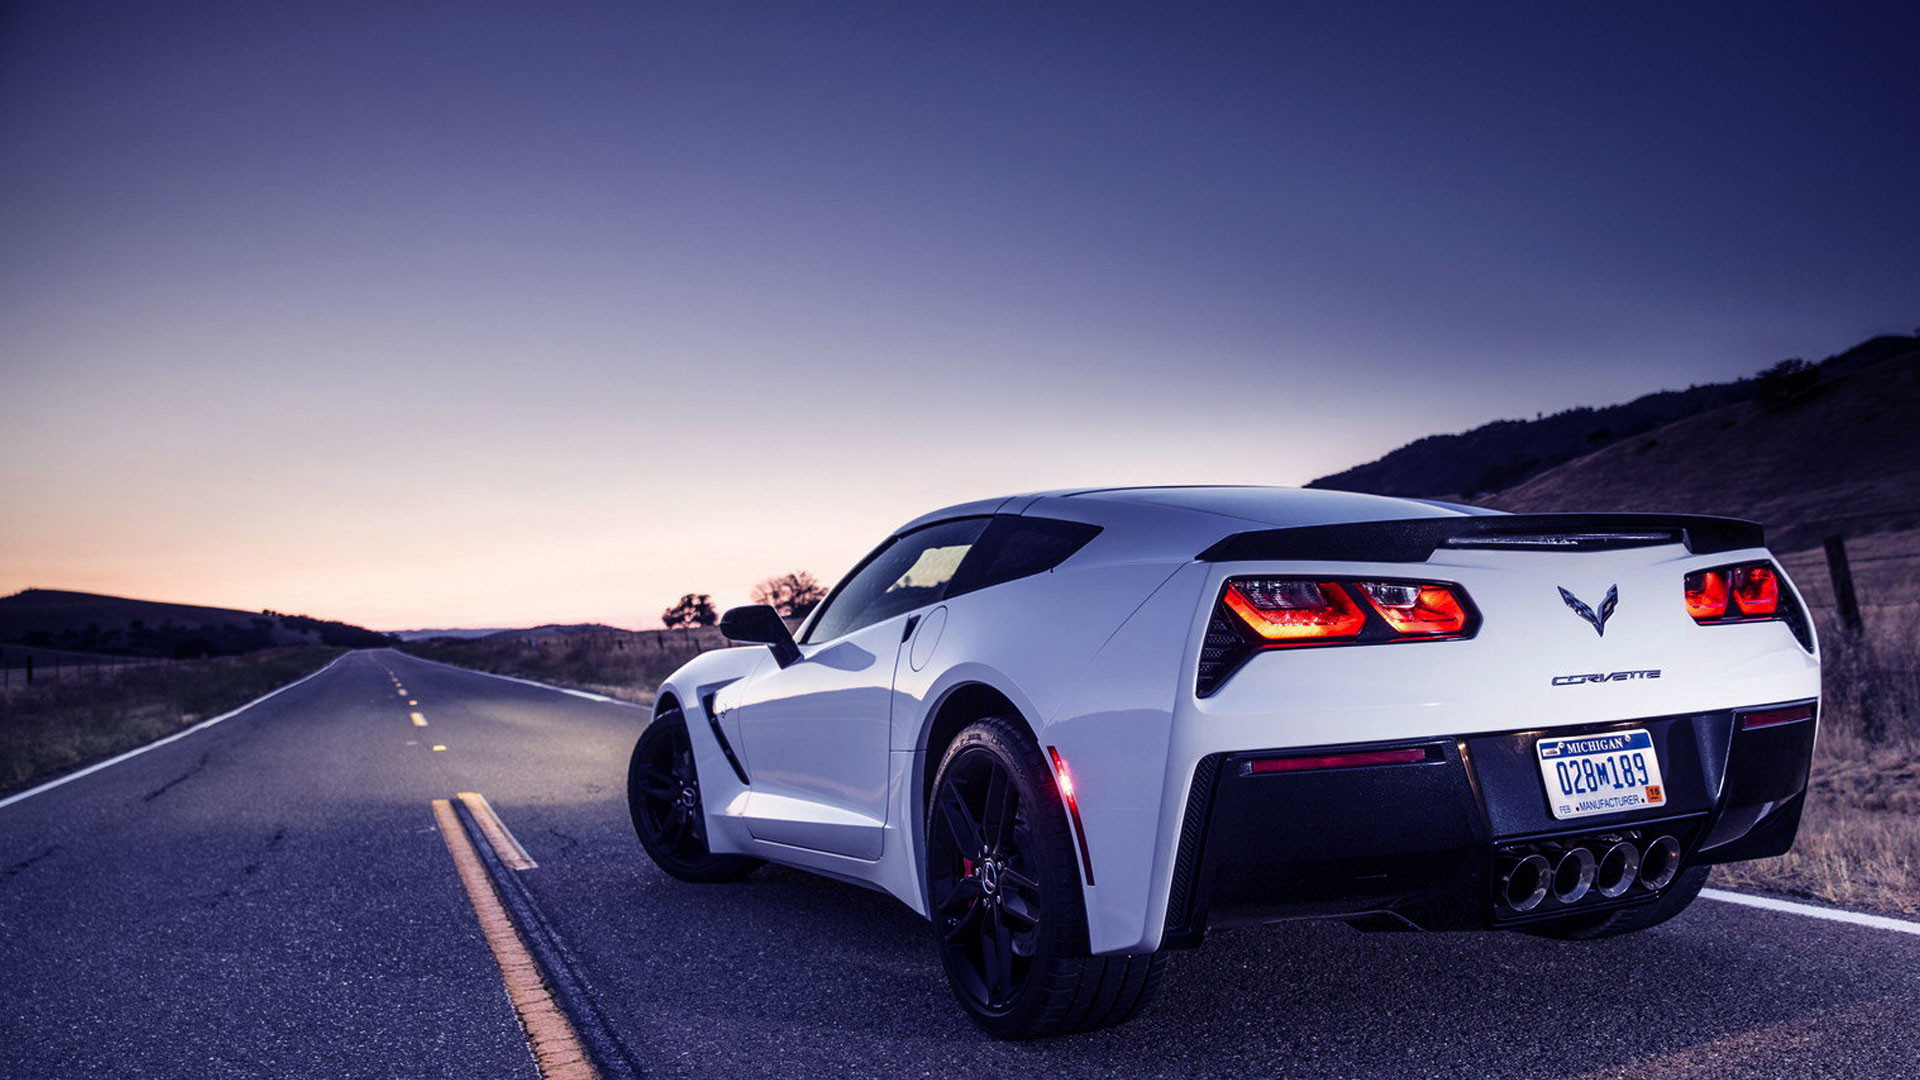 Chevrolet Corvette Grand Sport Wallpaper HD Car Wallpapers 1600×1200  Corvette Wallpaper (49 Wallpapers